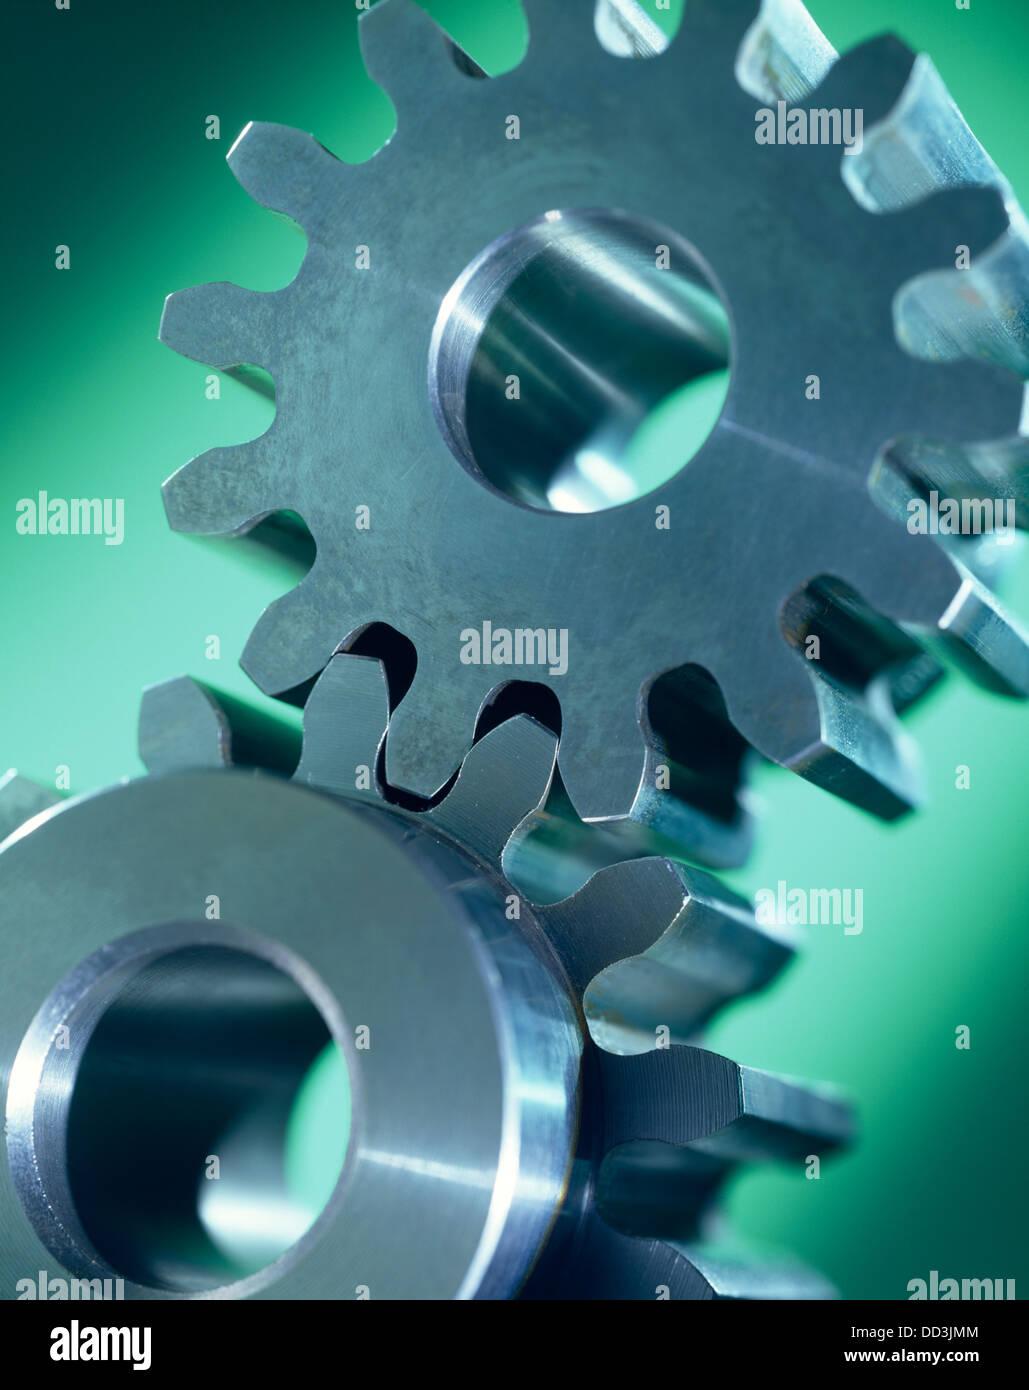 Zwei große Metall-Zahnräder miteinander verbunden. Stockbild